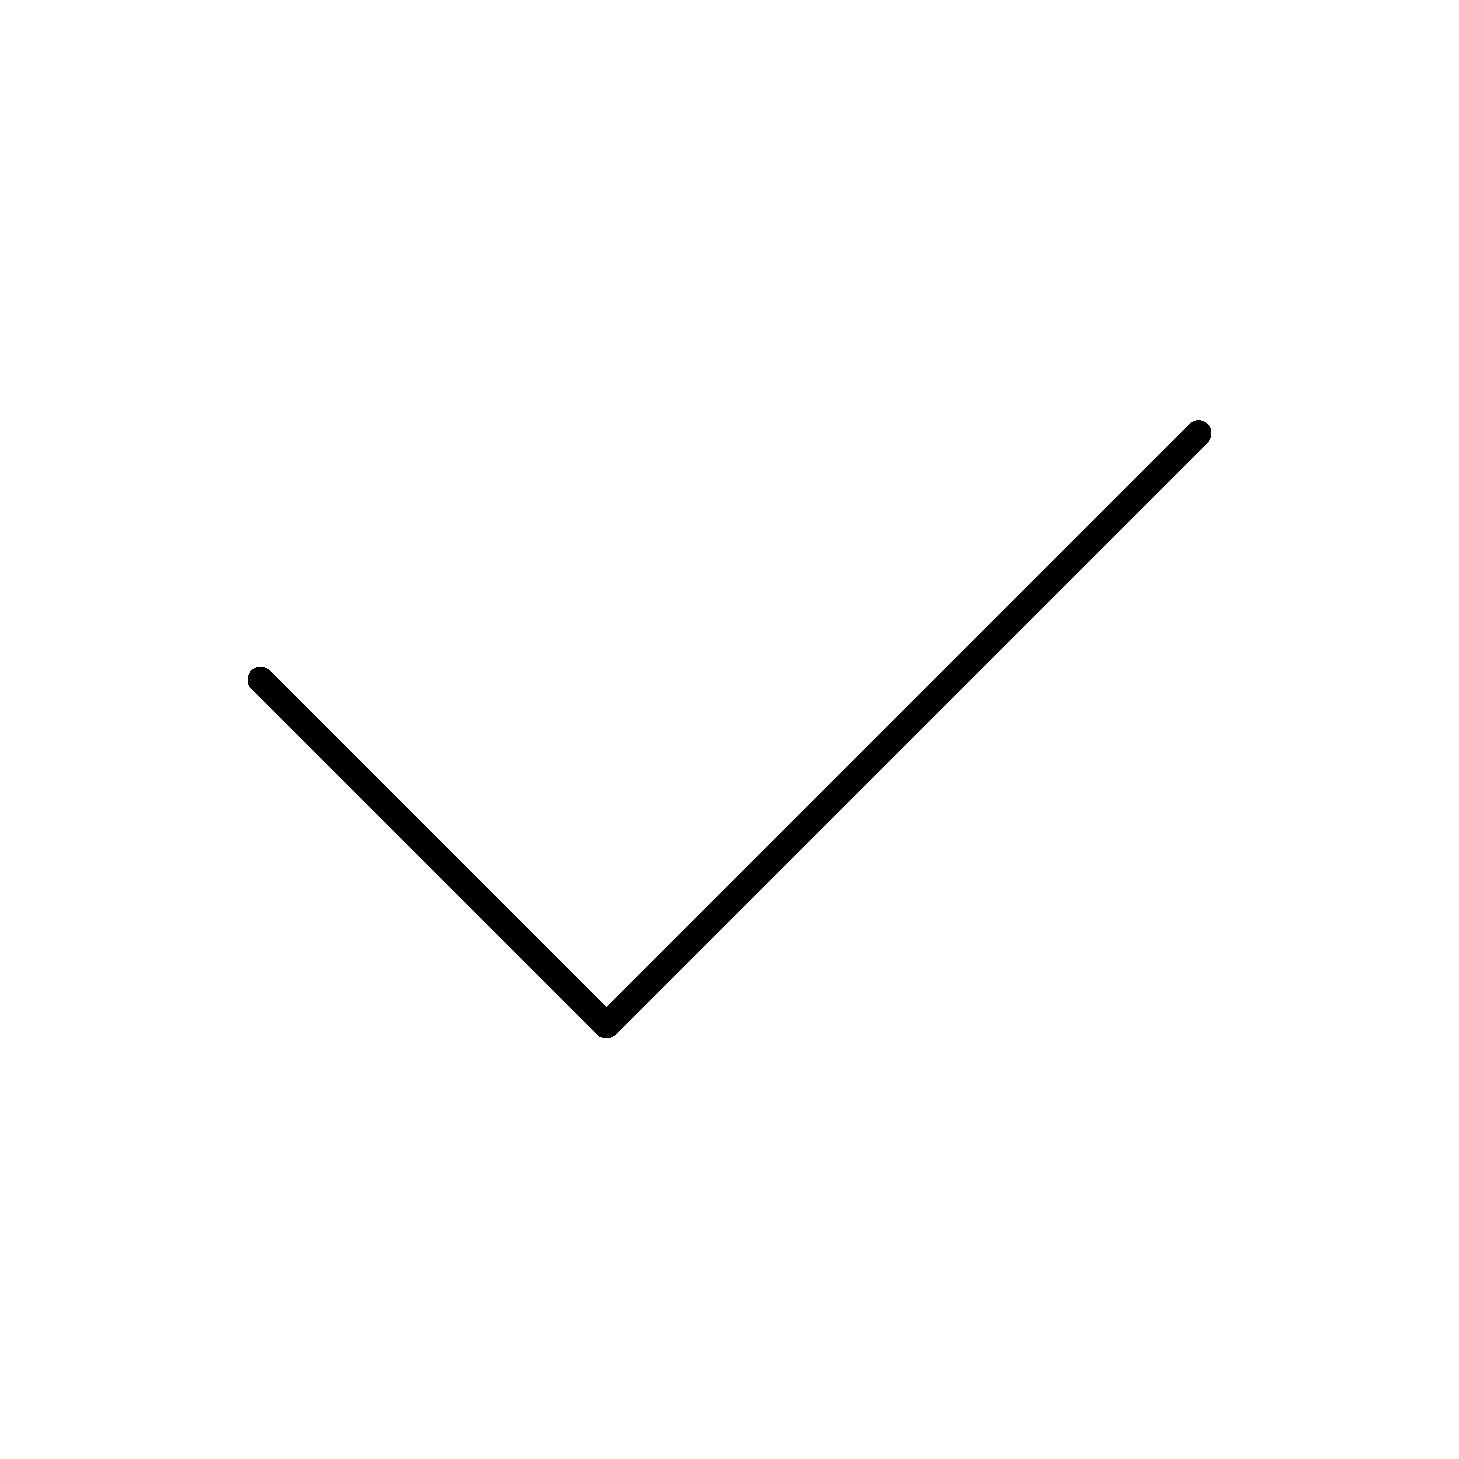 Icon-Tertiary-Tick-Black